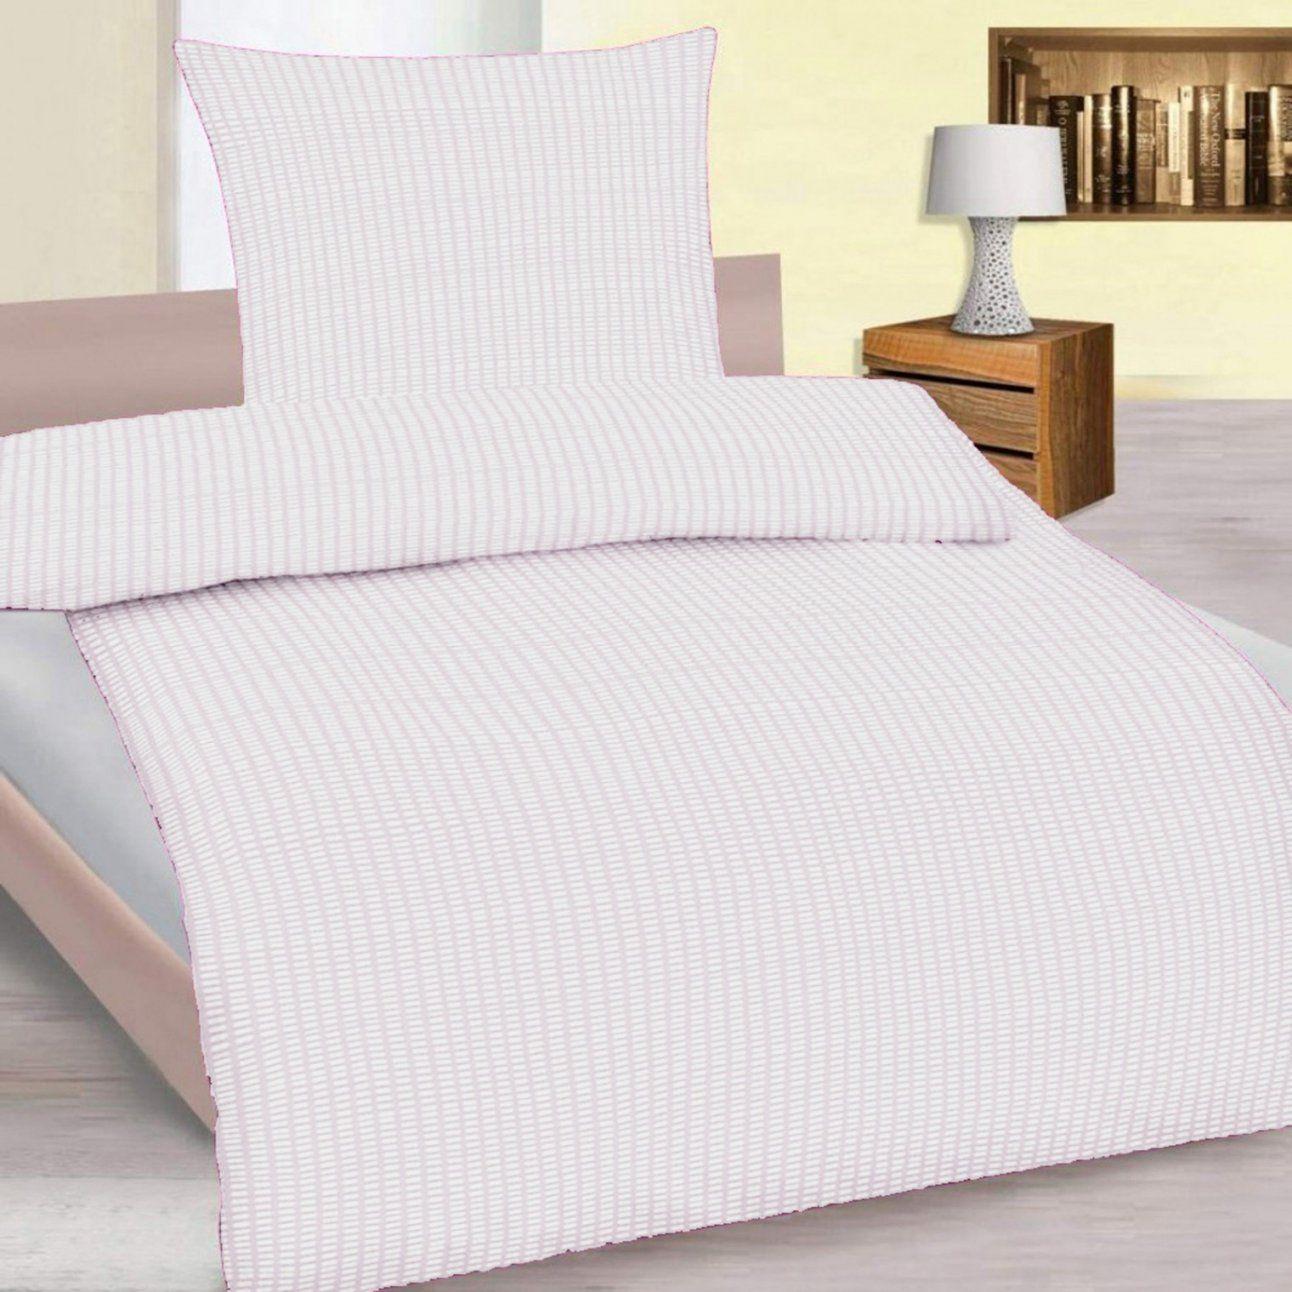 Herrlich Groß Bettwäsche 155X220 Weiß Weiss Frische Haus Ideen Für von Microfleece Bettwäsche 155X220 Photo